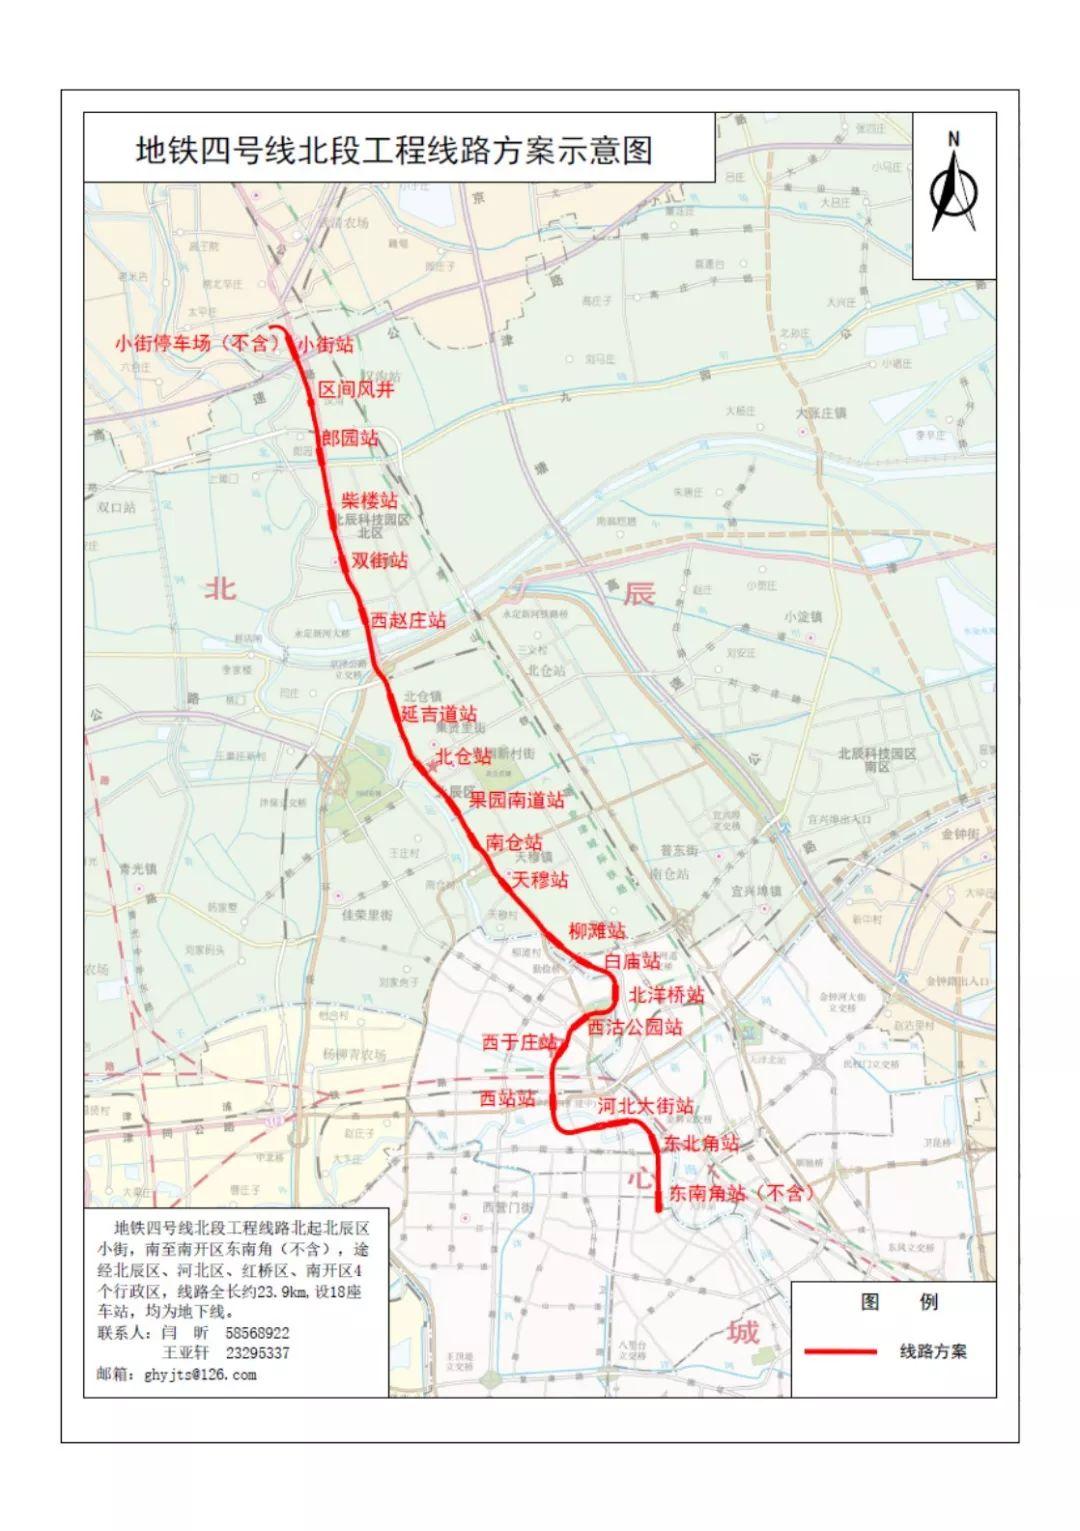 重磅!天津地铁4号线、地铁8号线线路方案公示,设有这些站点